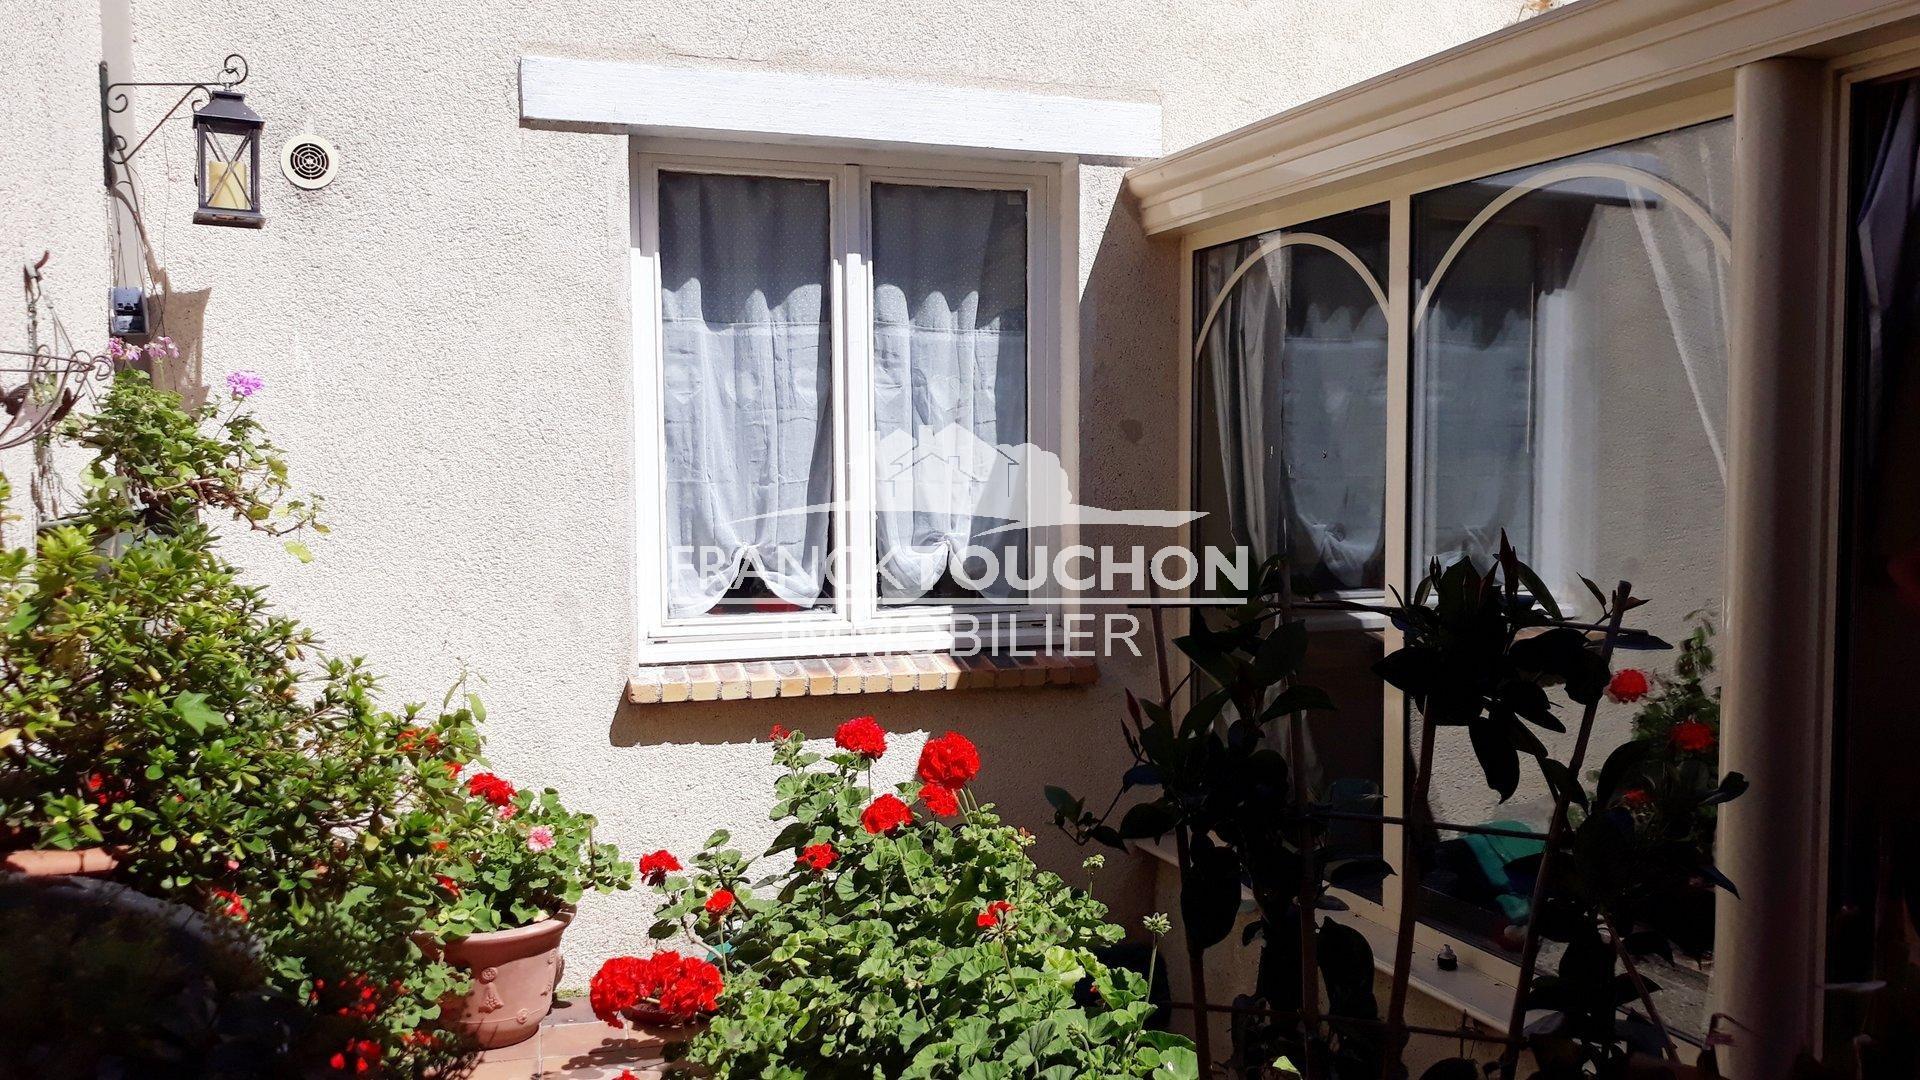 MAISON DE VILLE - NEMOURS (77140) proche centre - non inondable - 50 min de PARIS - 185 m² hab - jardin - dépendances - 5 chambres